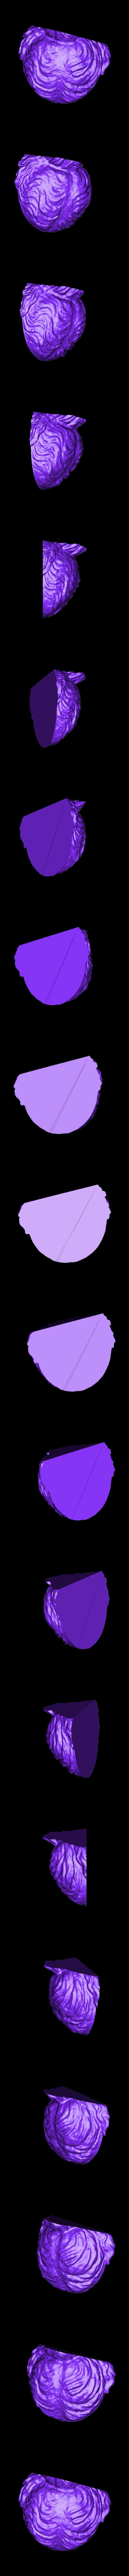 20131013_Venus6_crown_only.stl Télécharger fichier OBJ gratuit Vénus de Milo • Modèle imprimable en 3D, Ghashgar